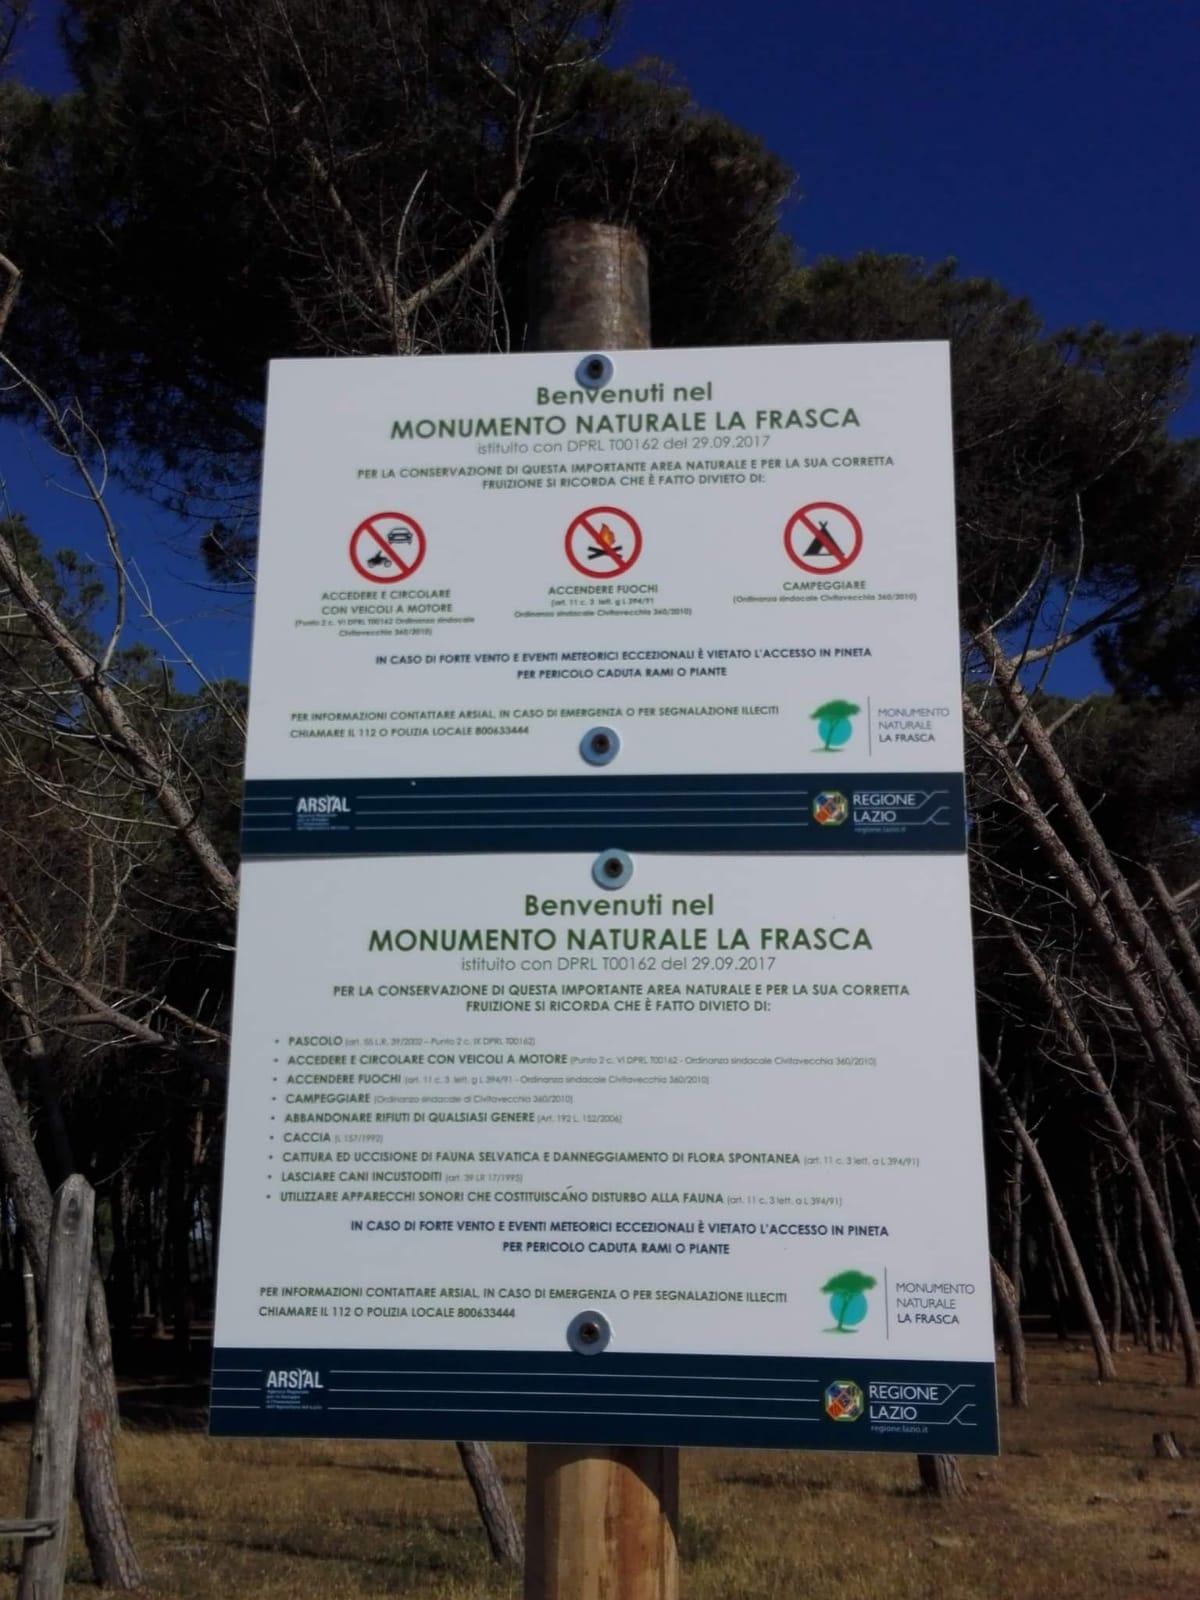 Monumento Naturale La Frasca, frequentatori e Lipu denunciano atti vandalici